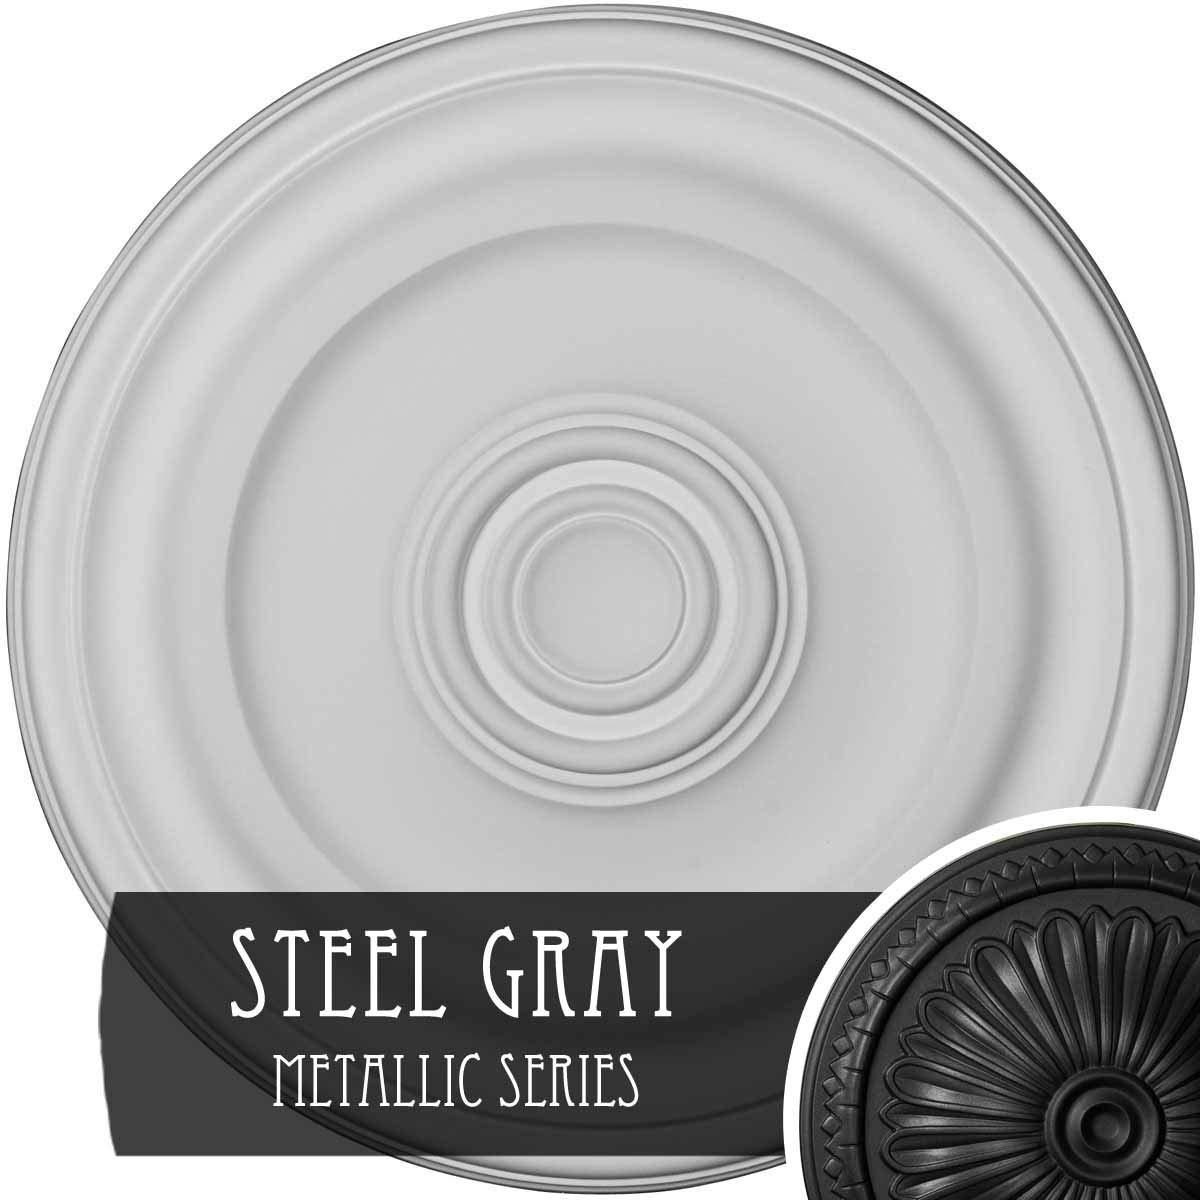 Ekena Millwork CM16KPSGS 15-7/8'' x 1-1/2'' Kepler Traditional Ceiling Medallion, Steel Gray